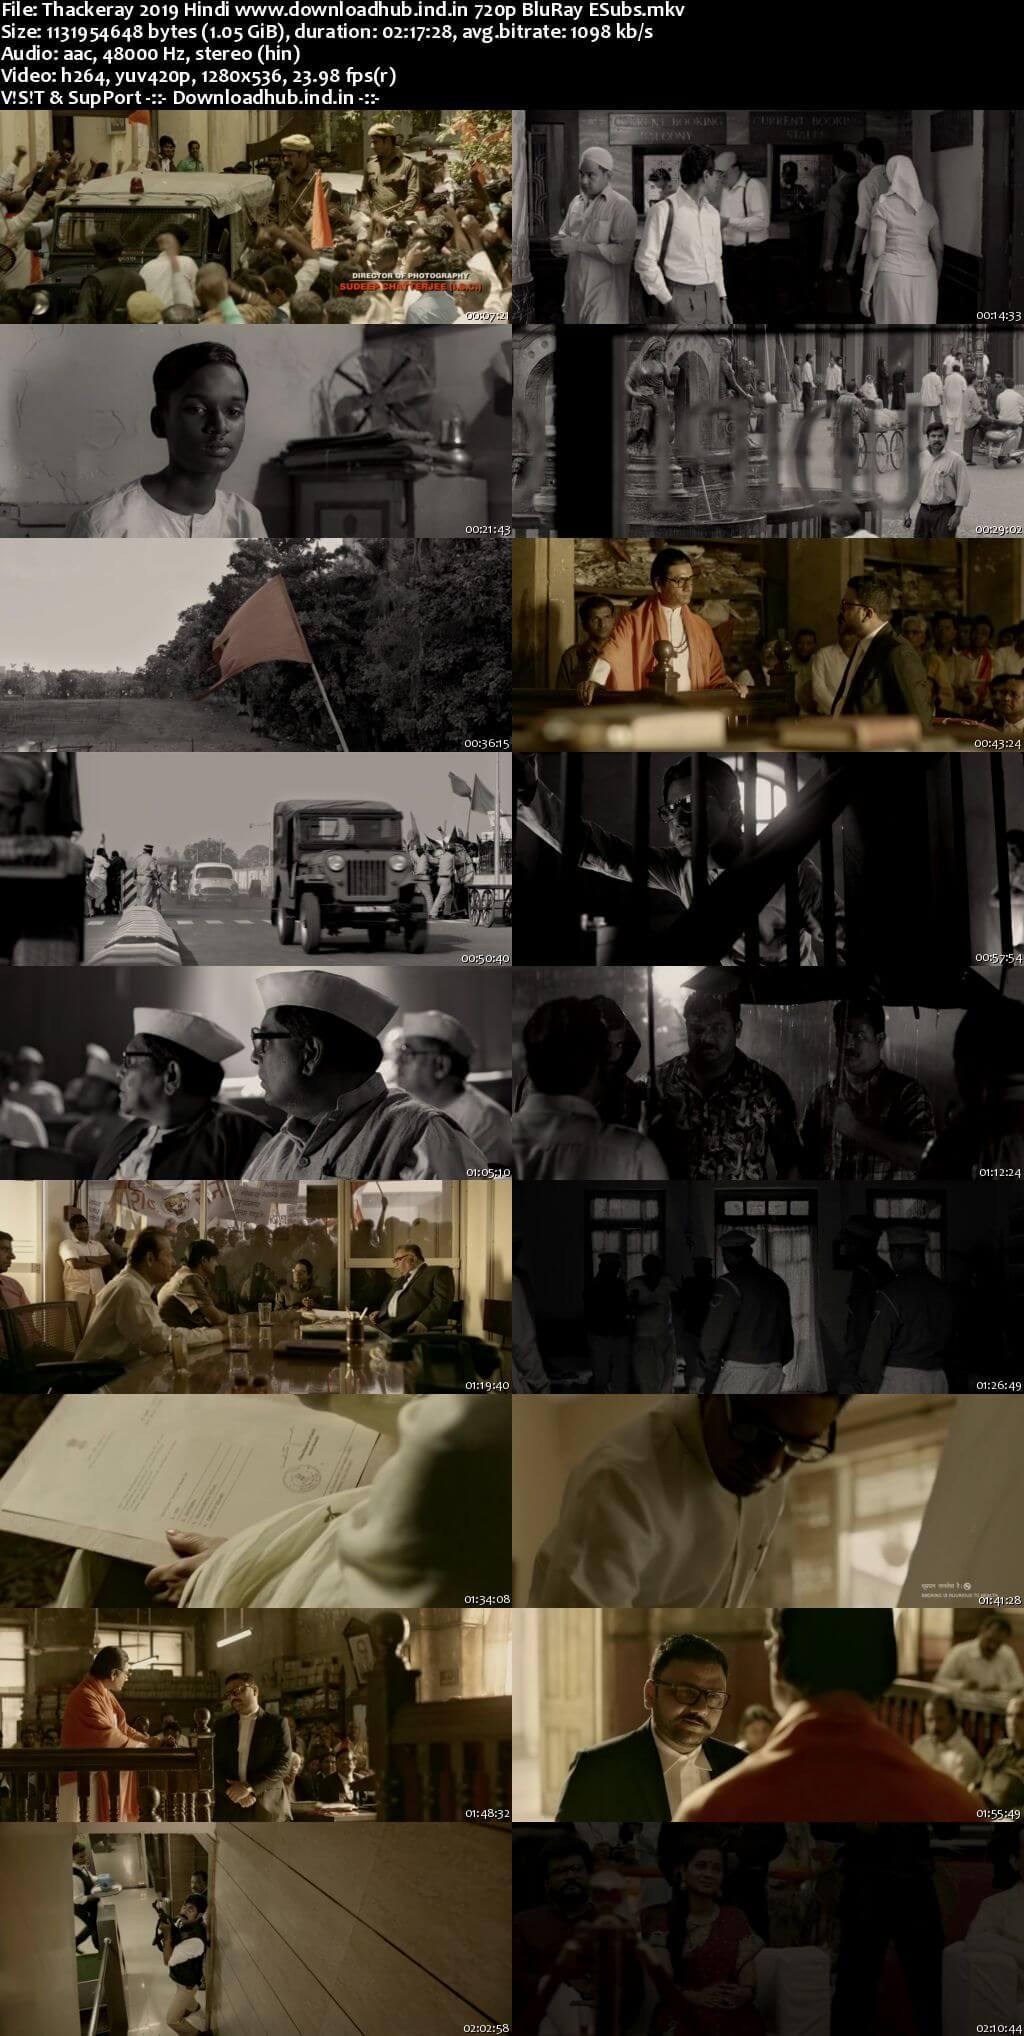 Thackeray 2019 Hindi 720p BluRay ESubs